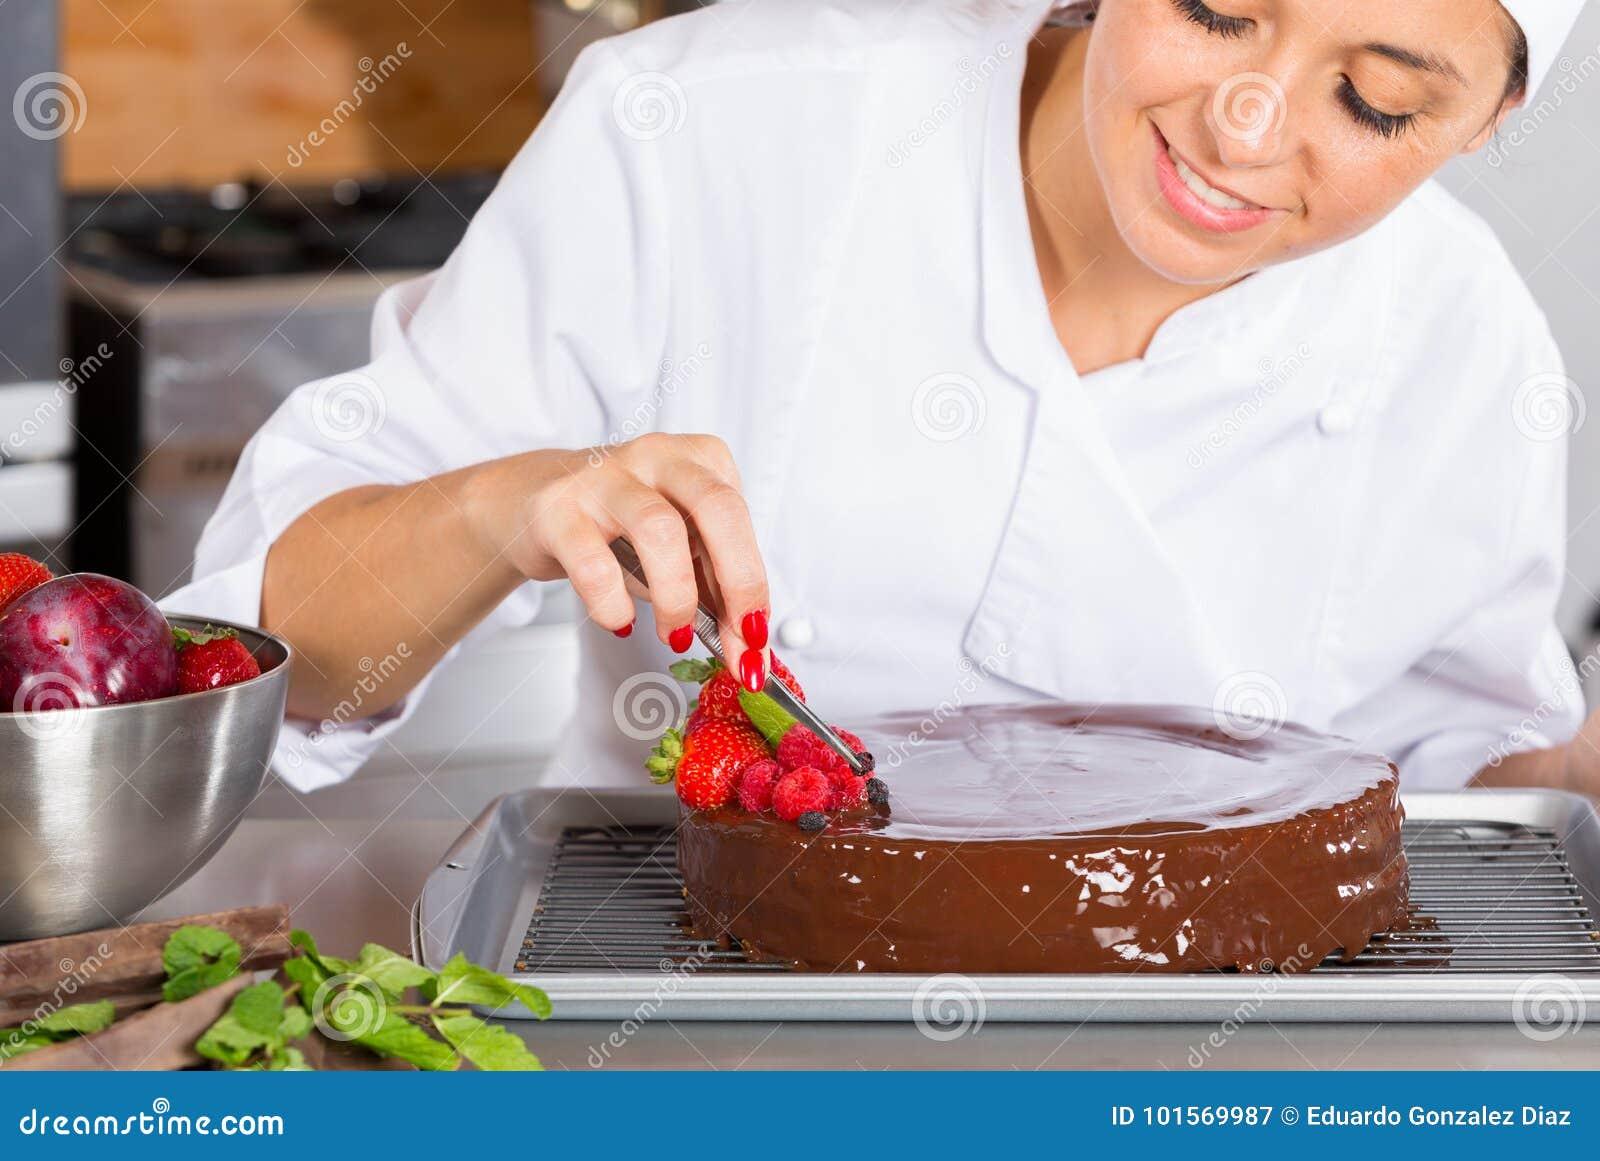 Patissier in der Küche